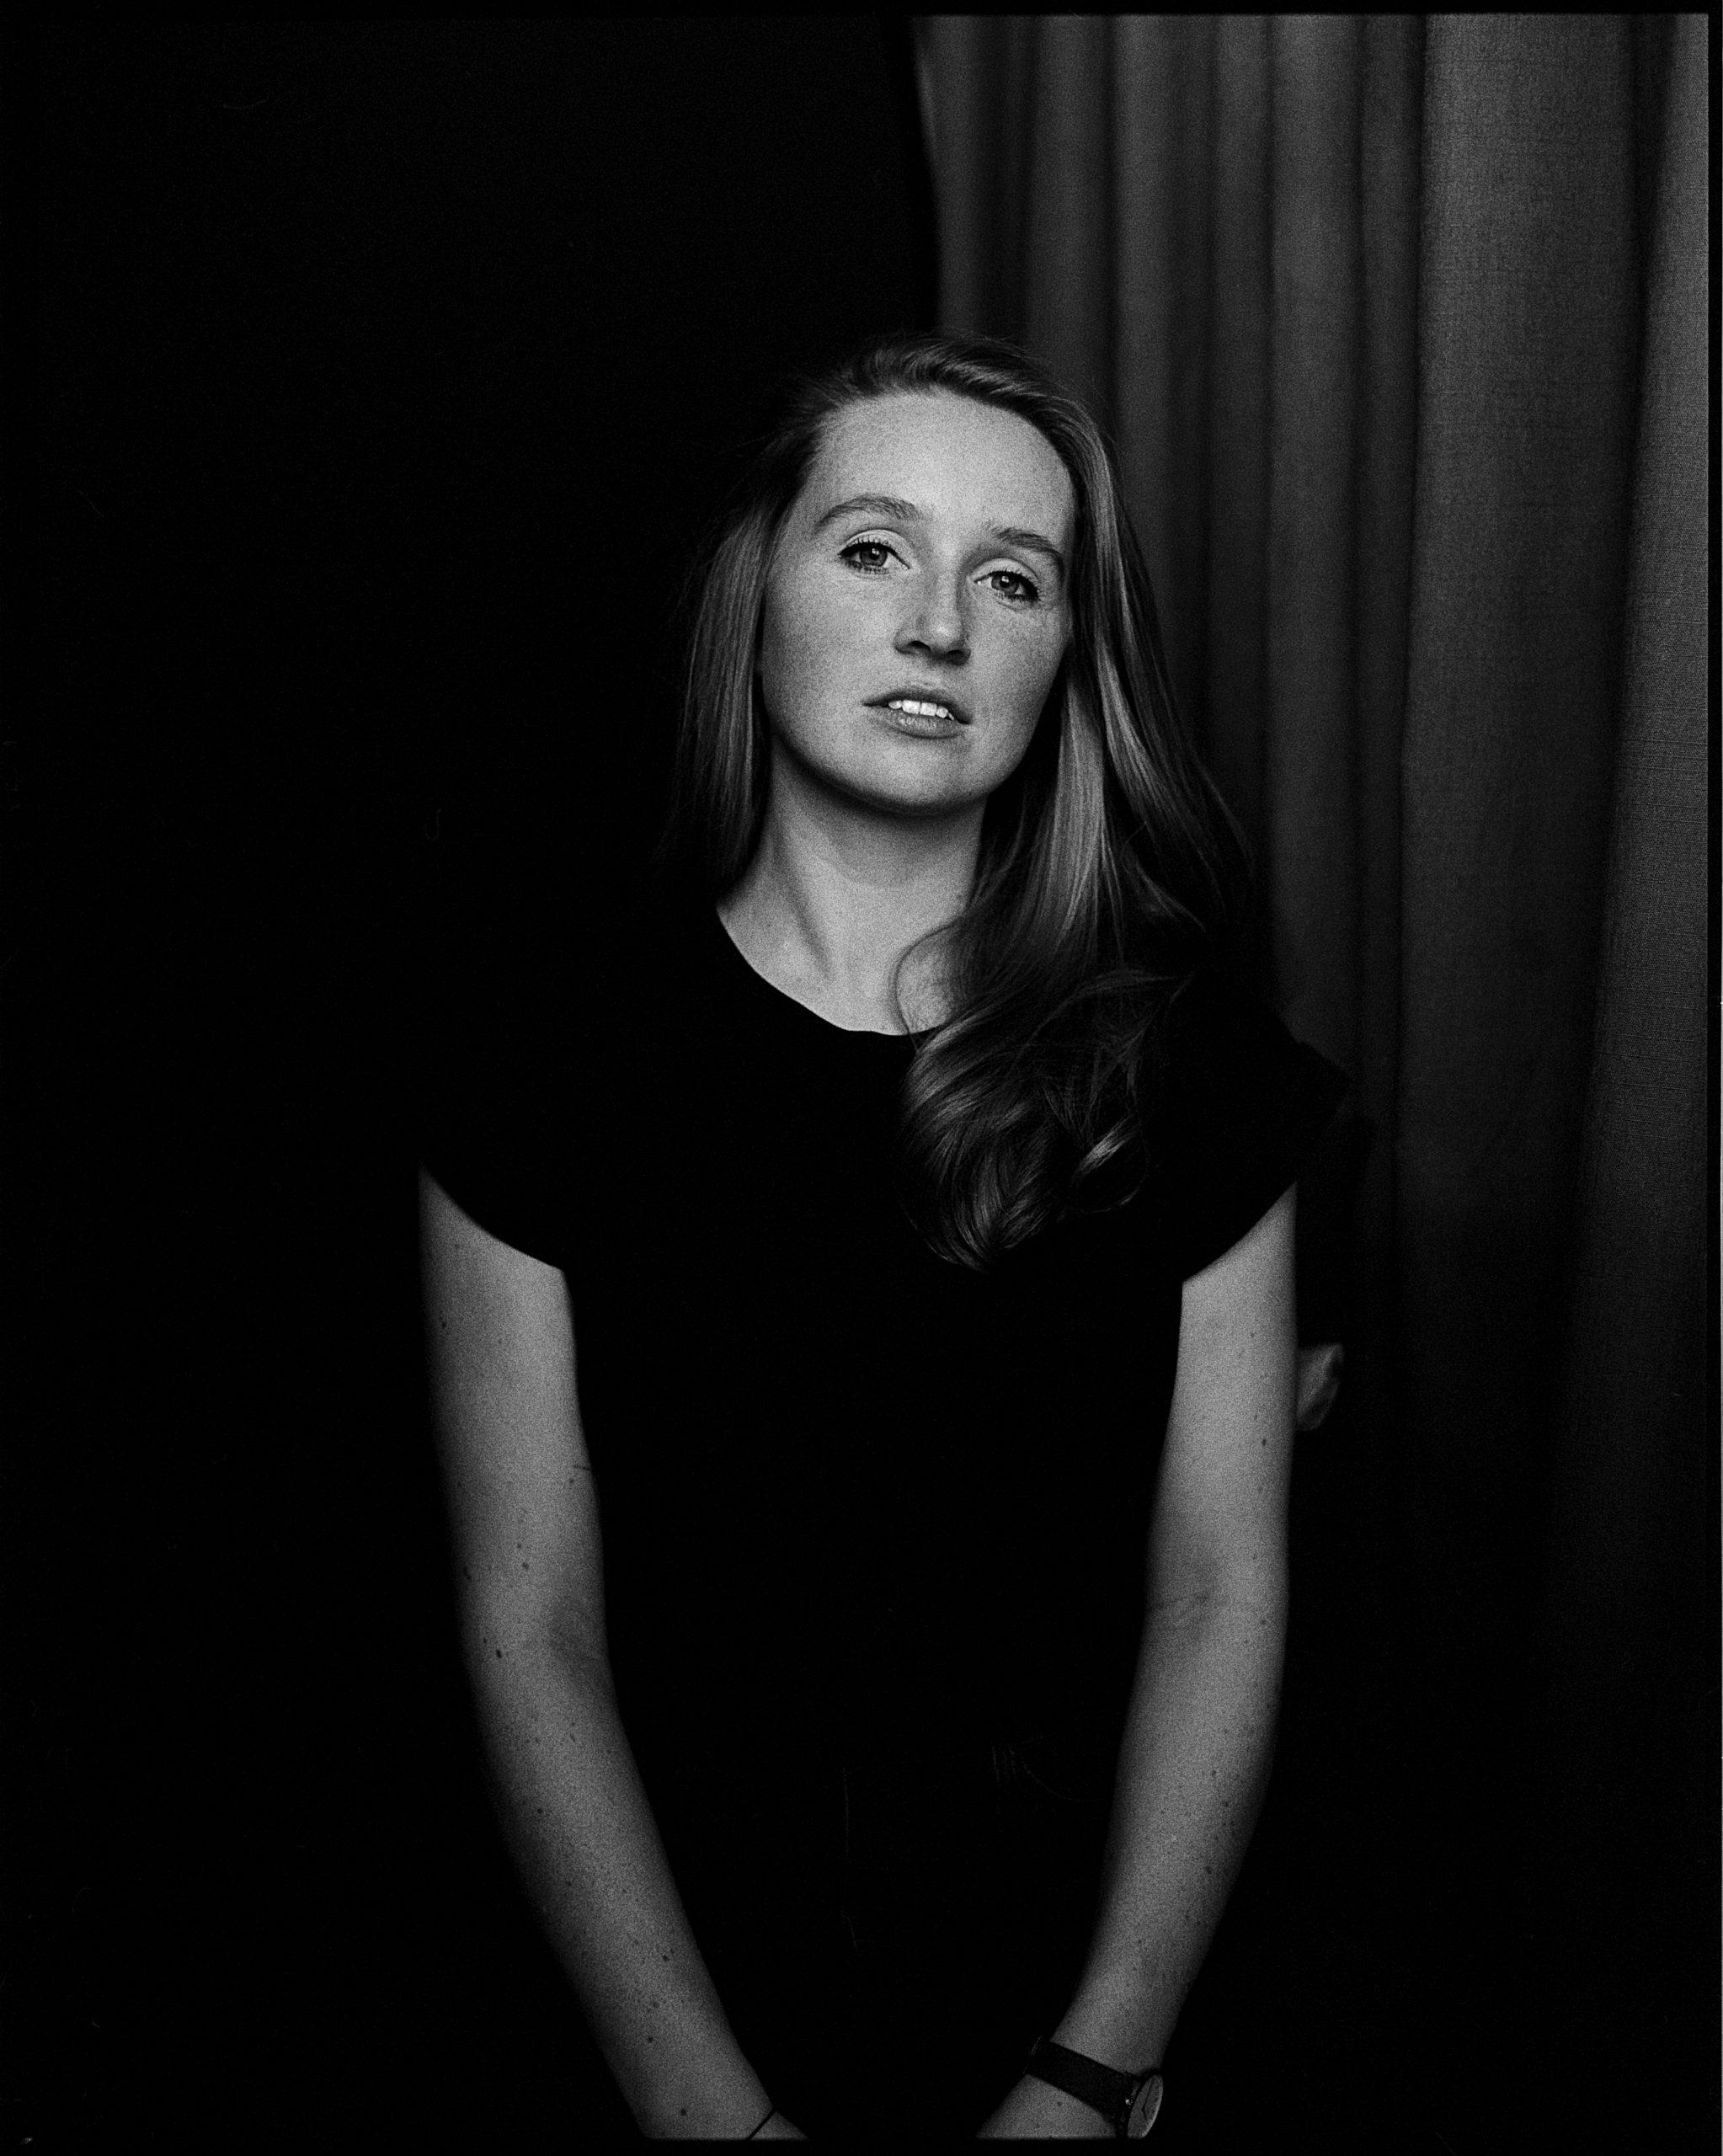 junge Frau sitzend vor dunklem Hintergrund